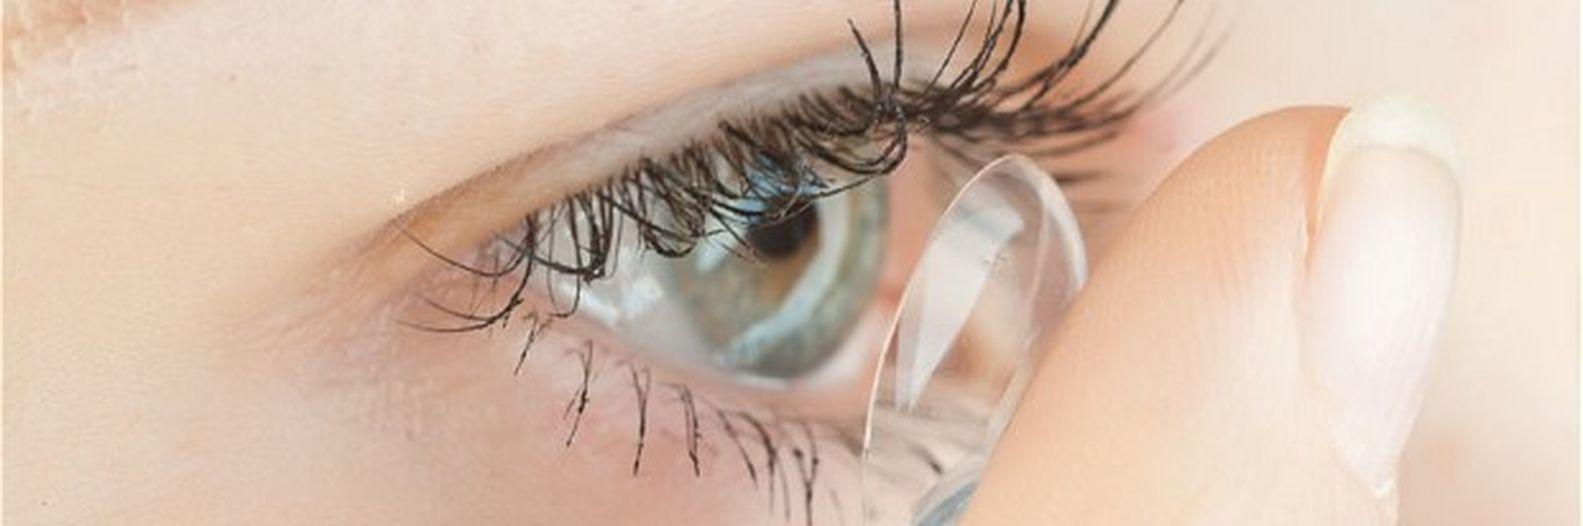 Lentilles de contact : pratiques pour certaines choses, inconfortables pour d'autres